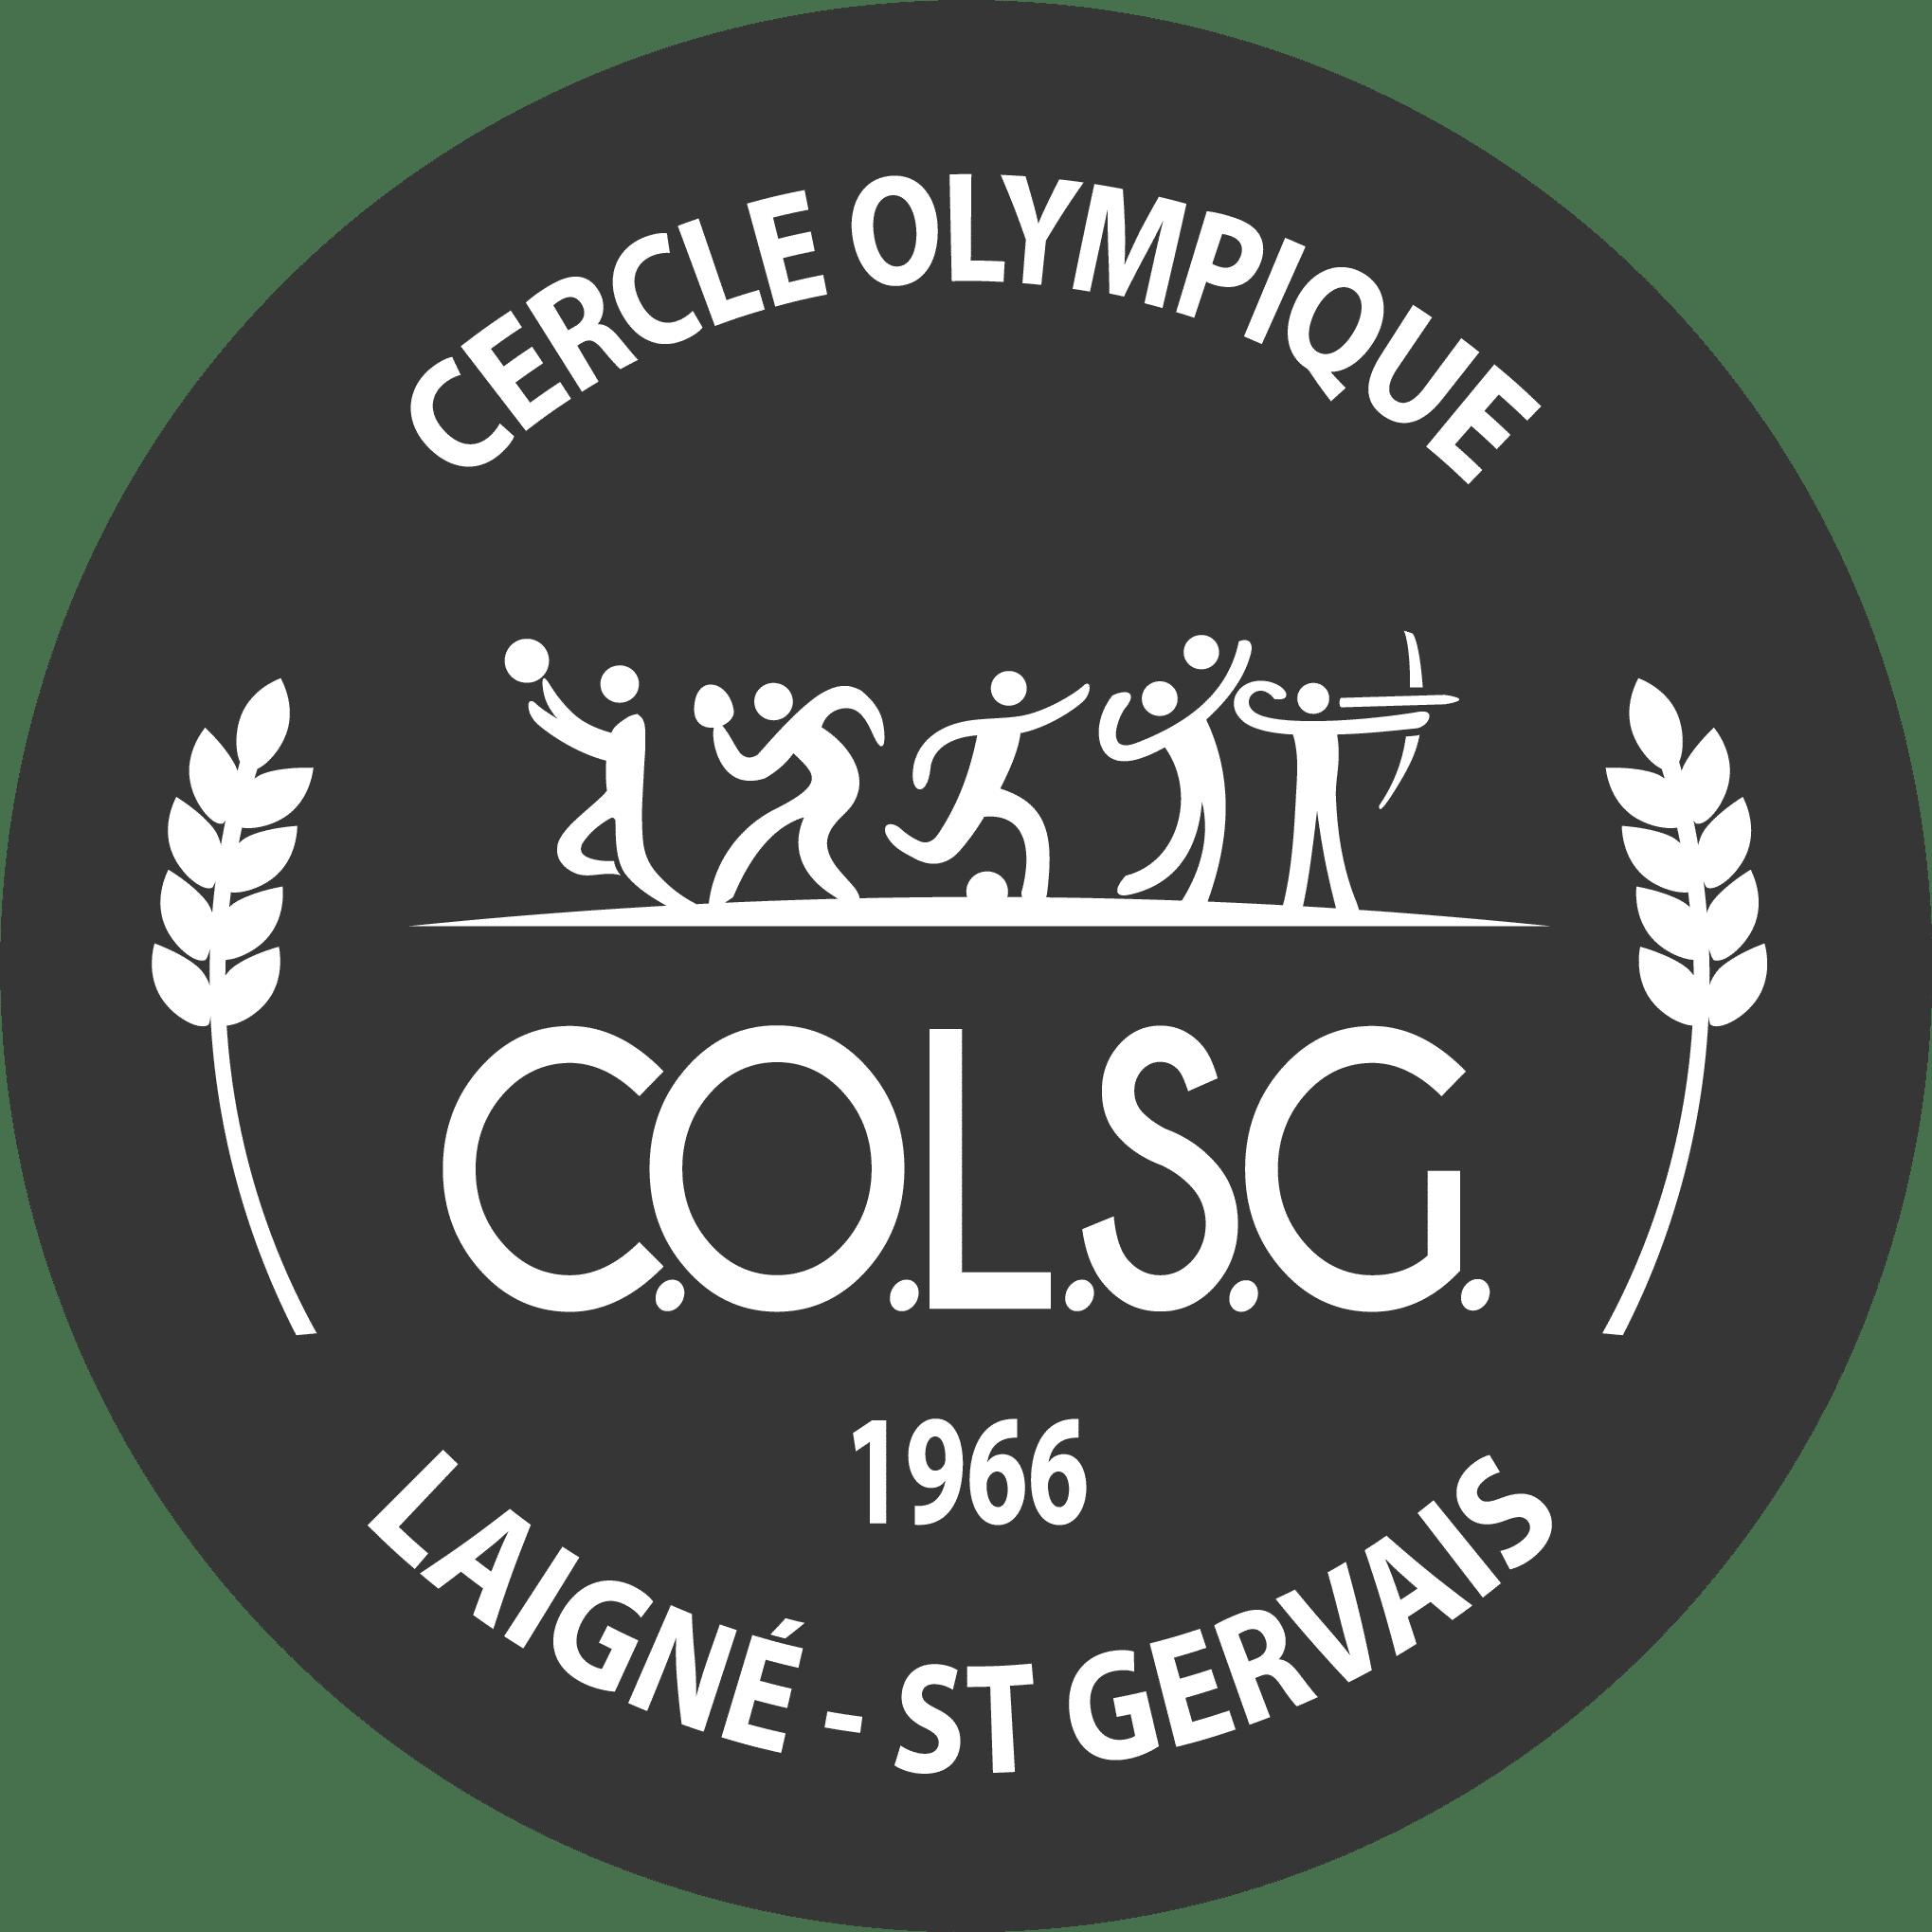 C.O.L.S.G